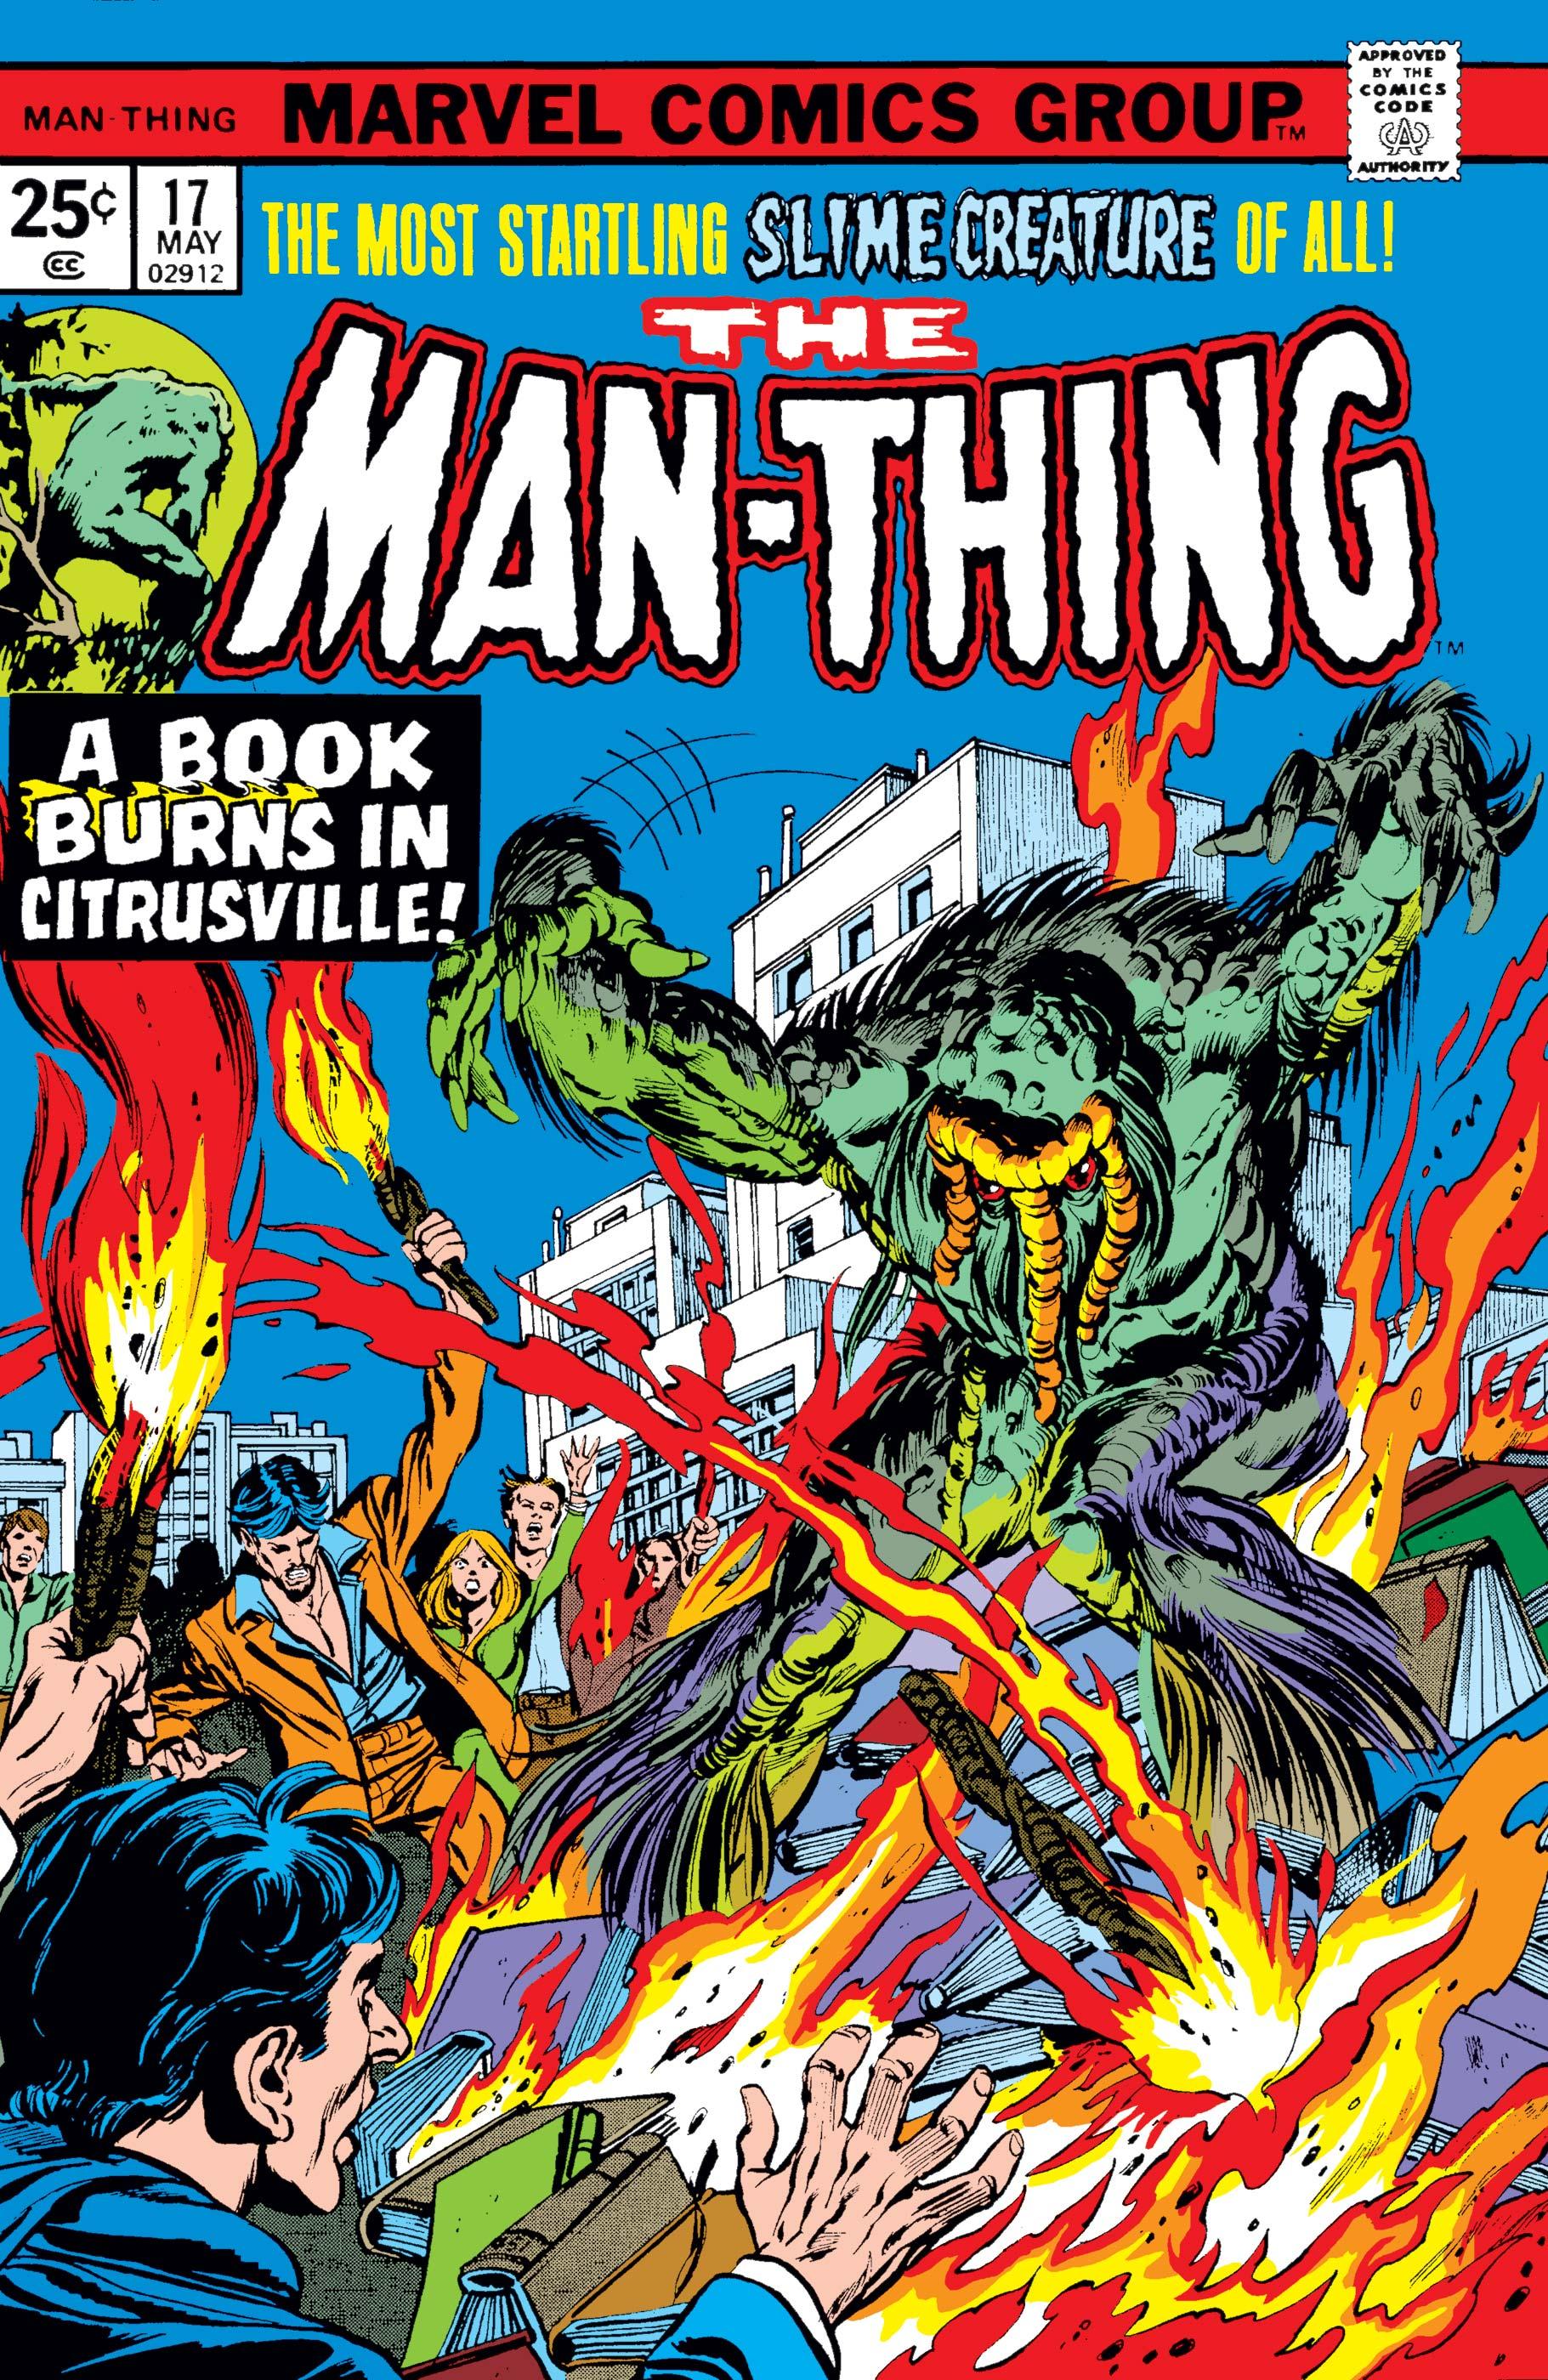 Man-Thing (1974) #17